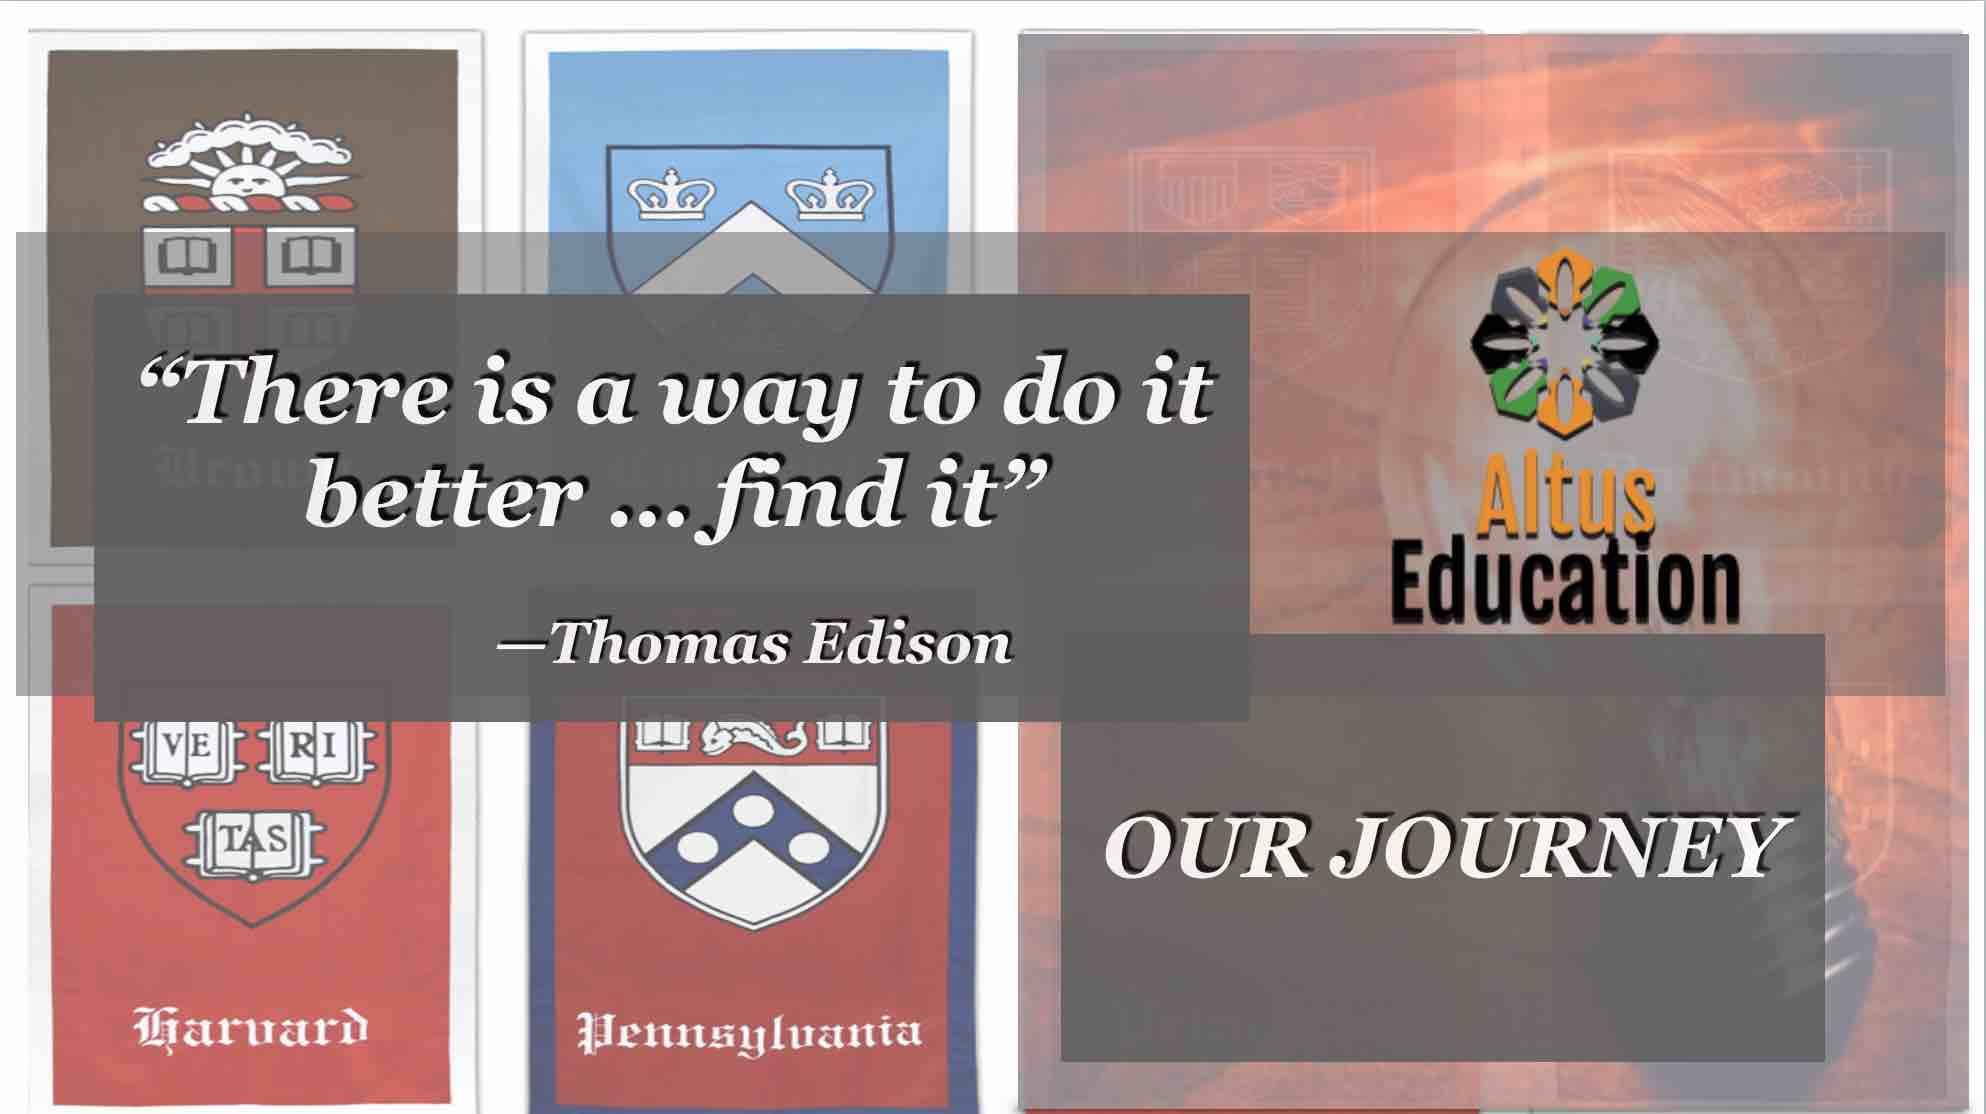 Altus Education - Our Journey